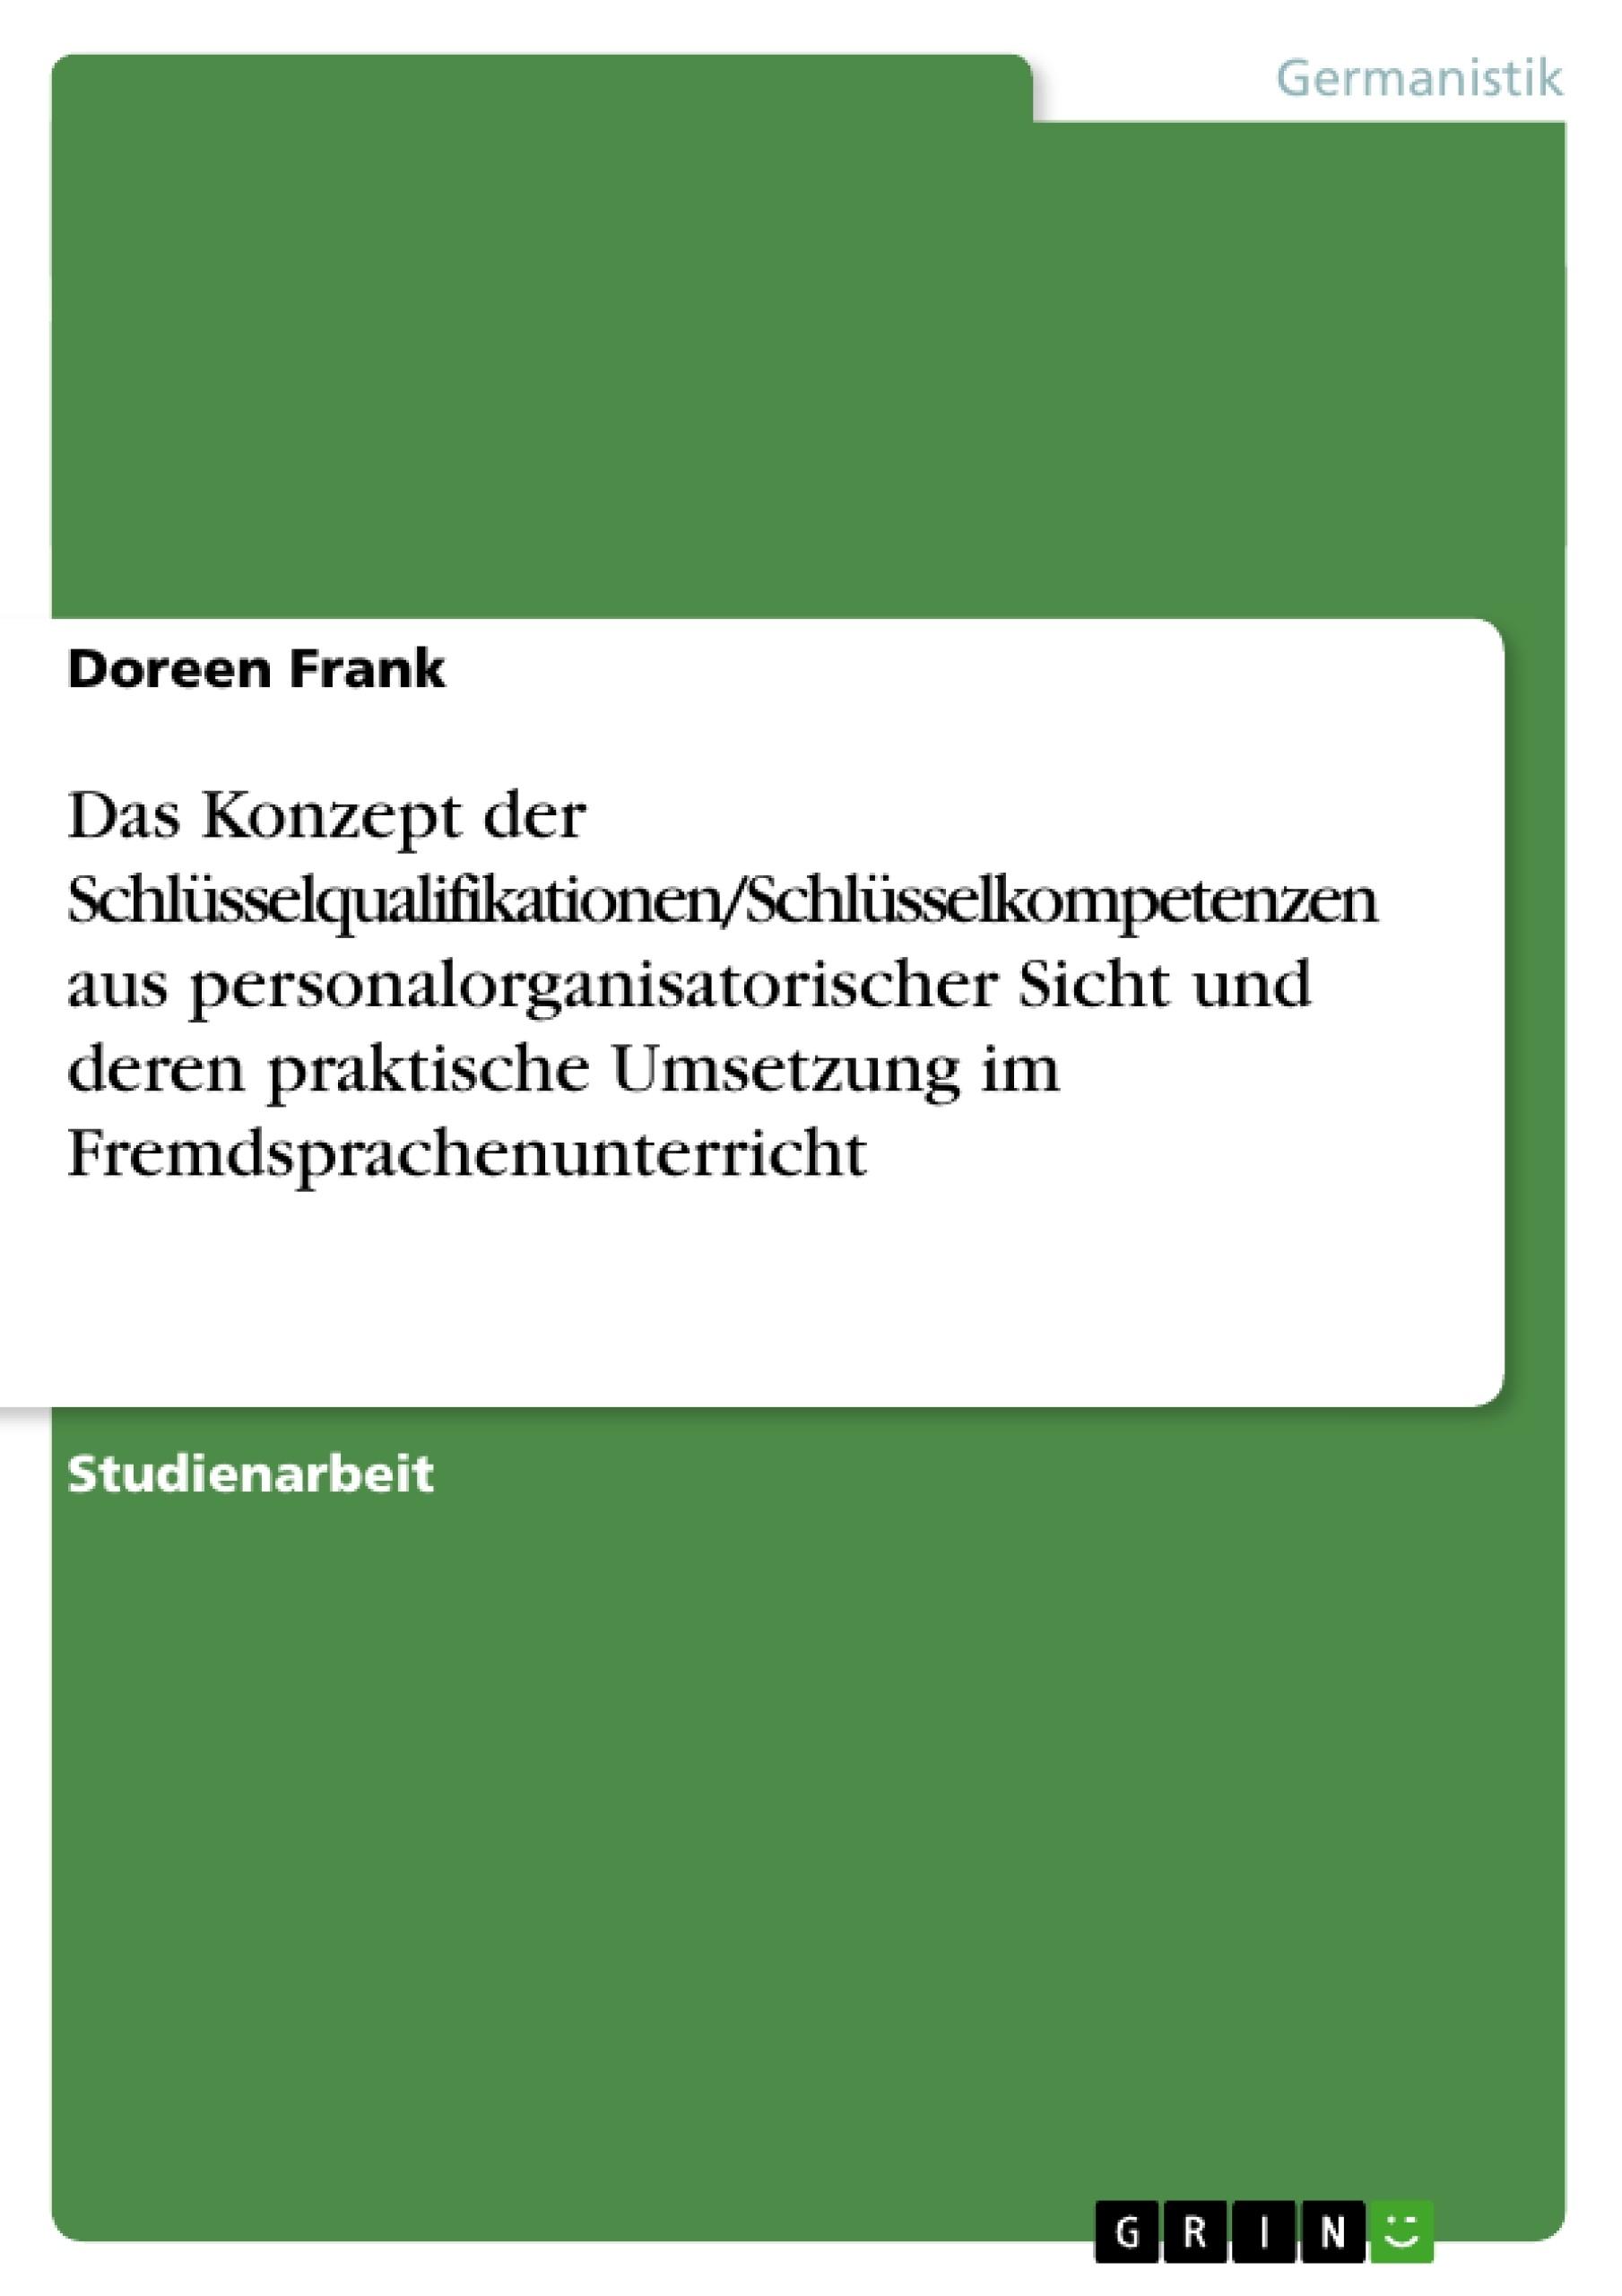 Titel: Das Konzept der Schlüsselqualifikationen/Schlüsselkompetenzen aus personalorganisatorischer Sicht und deren praktische Umsetzung im Fremdsprachenunterricht